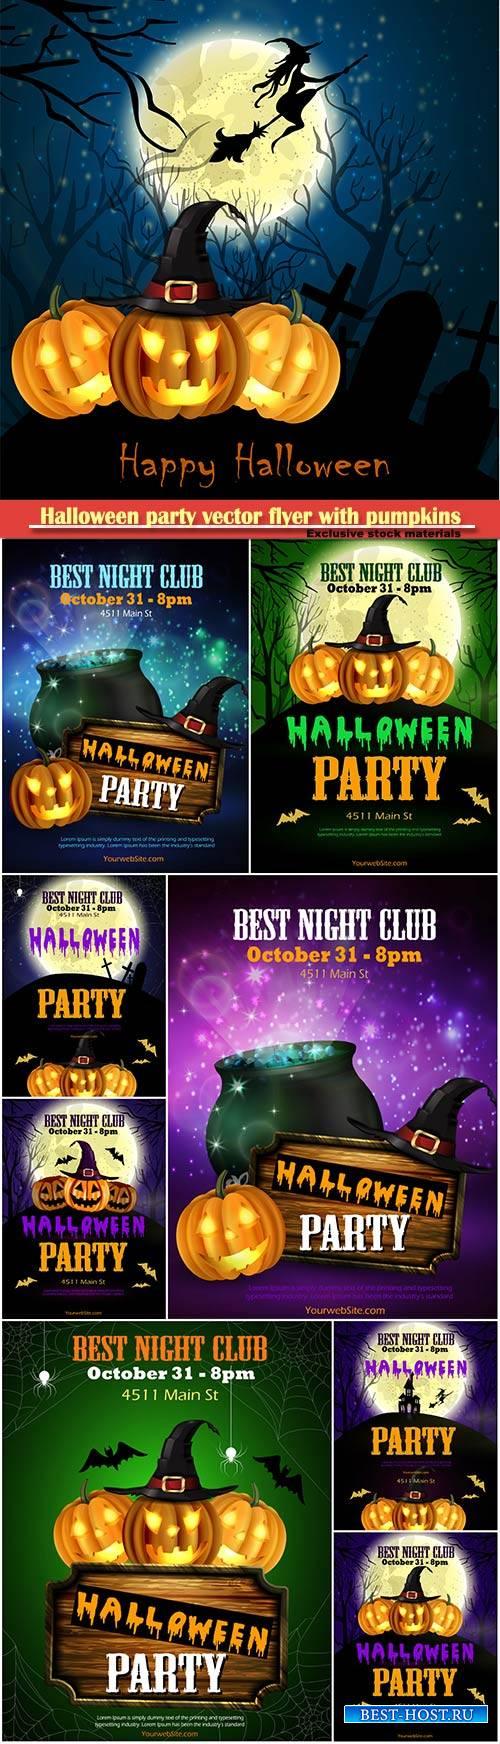 Halloween party vector flyer with pumpkins, hat